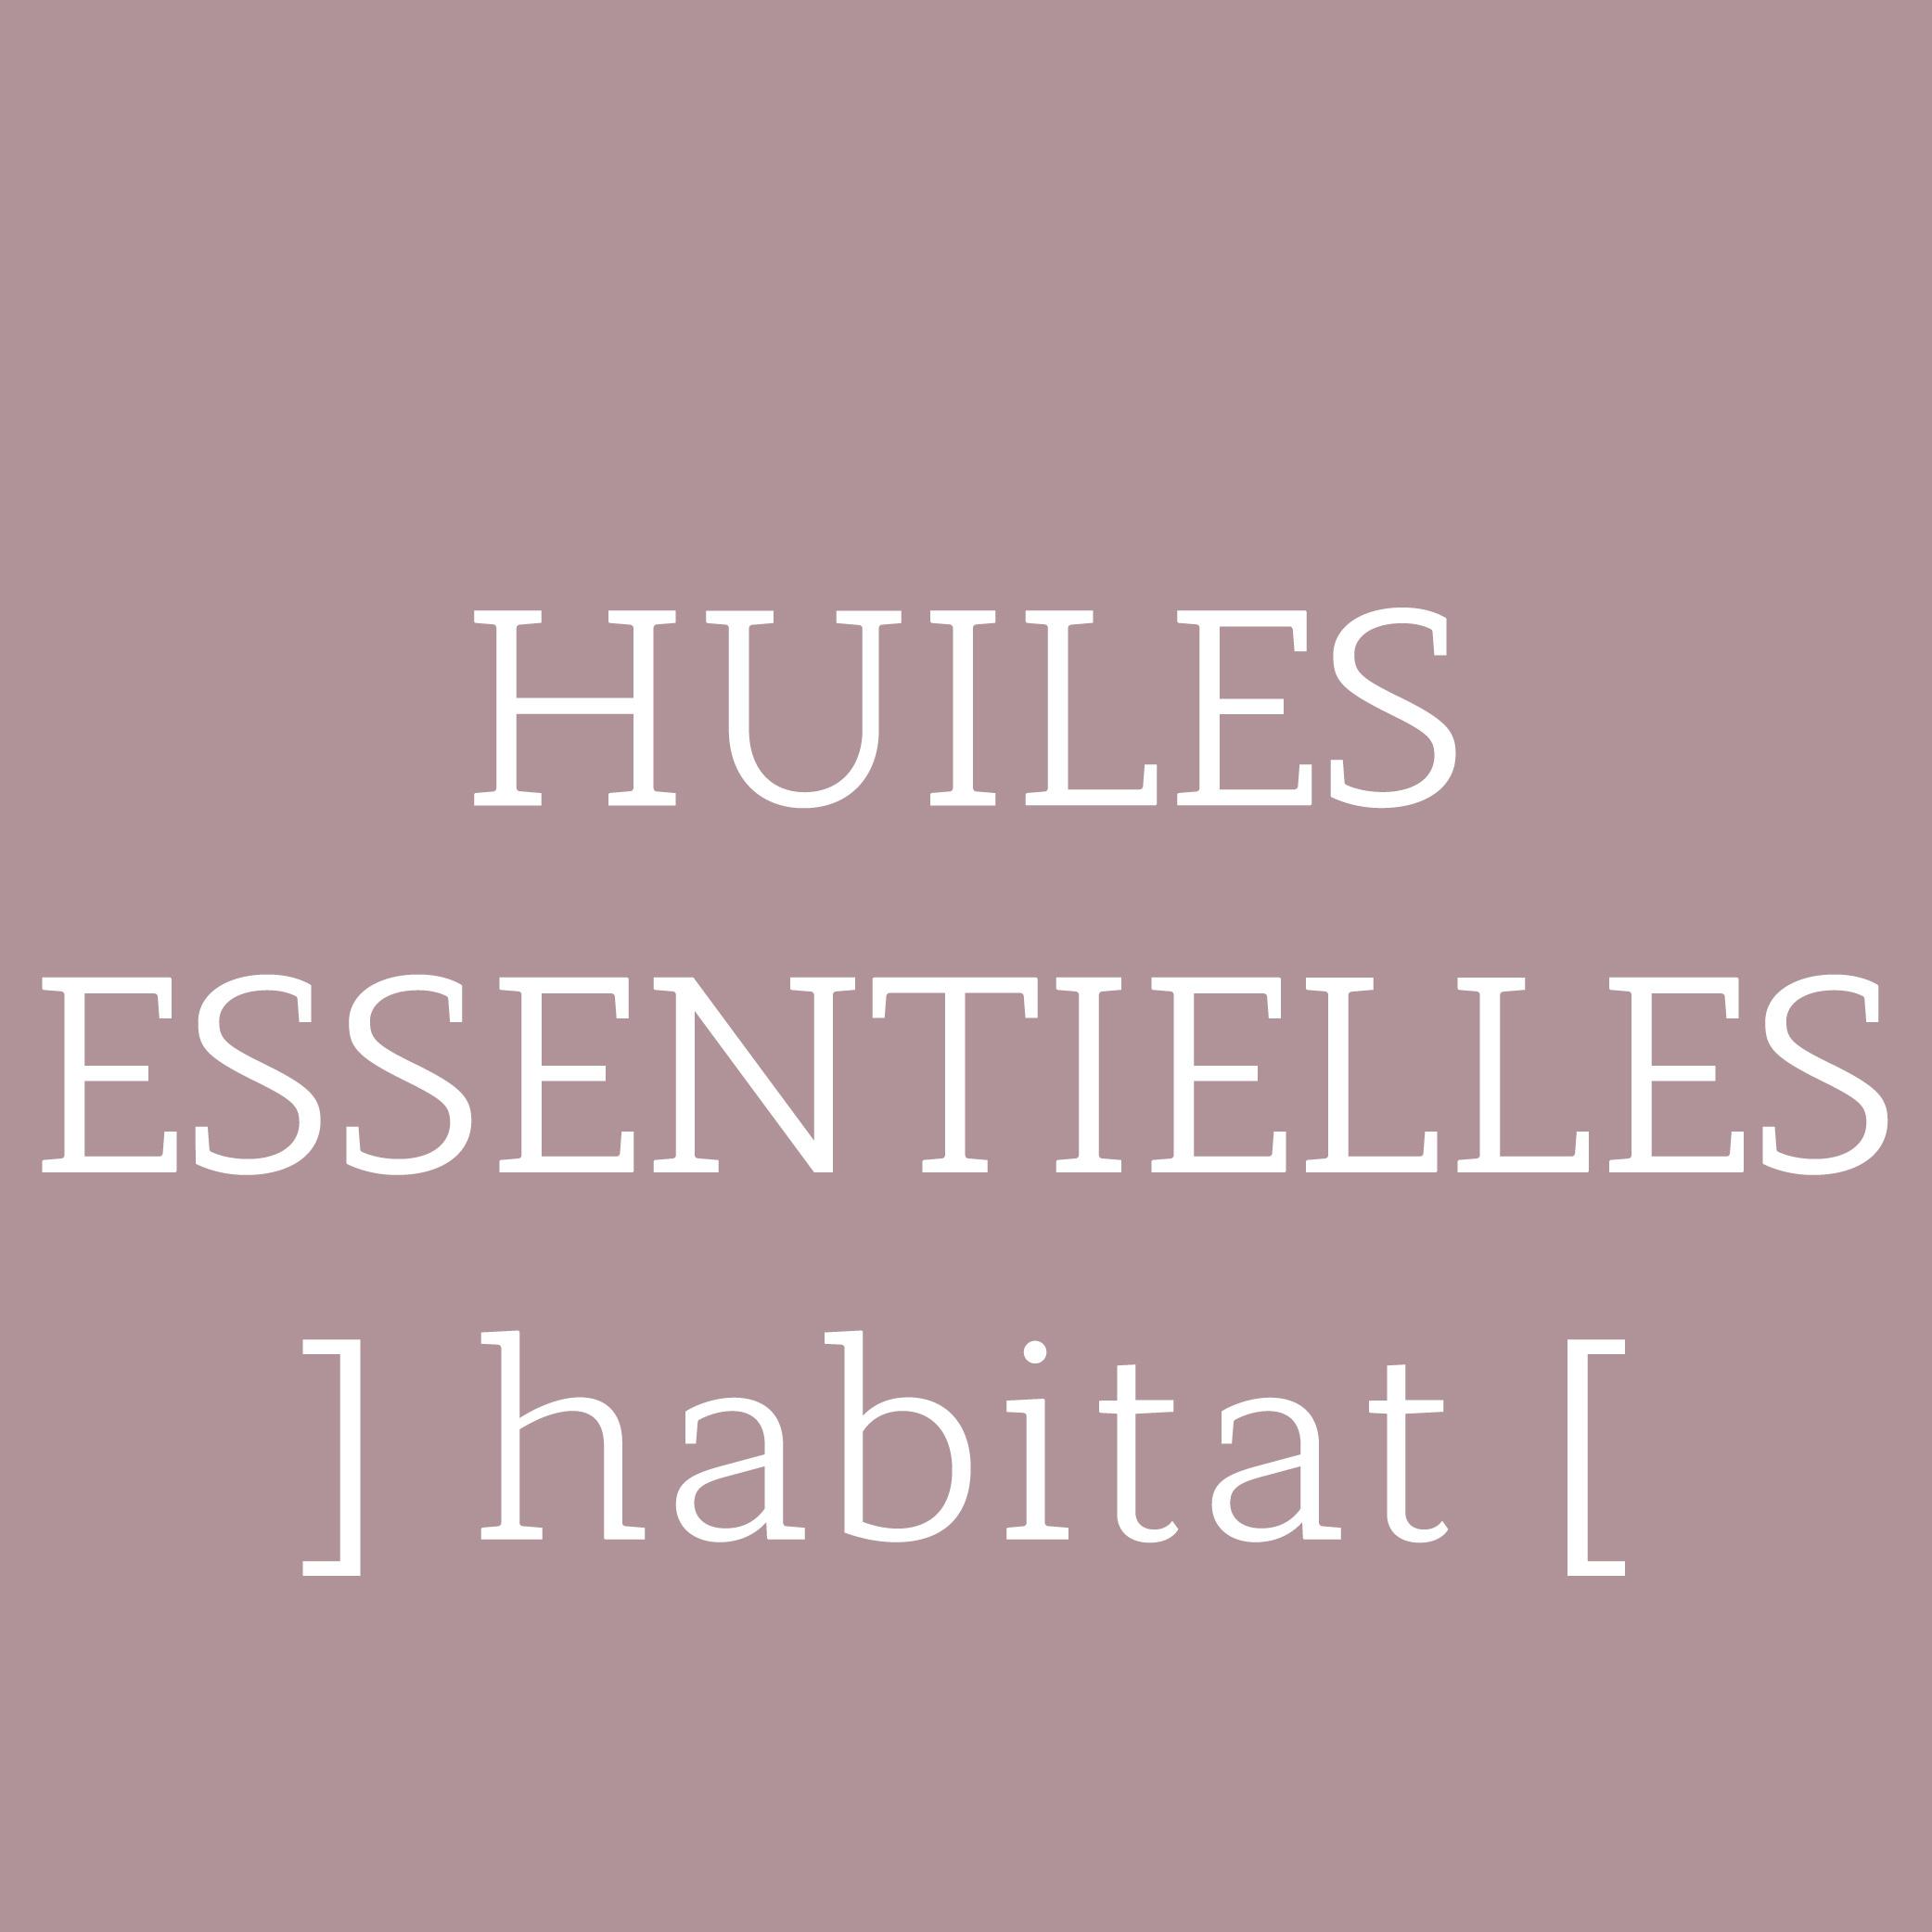 Nettoyant Multisurface ::: Huiles Essentielles & HABITAT NATUREL  - Dimanche 20 mars 2016 - horaire: 17h - 18h